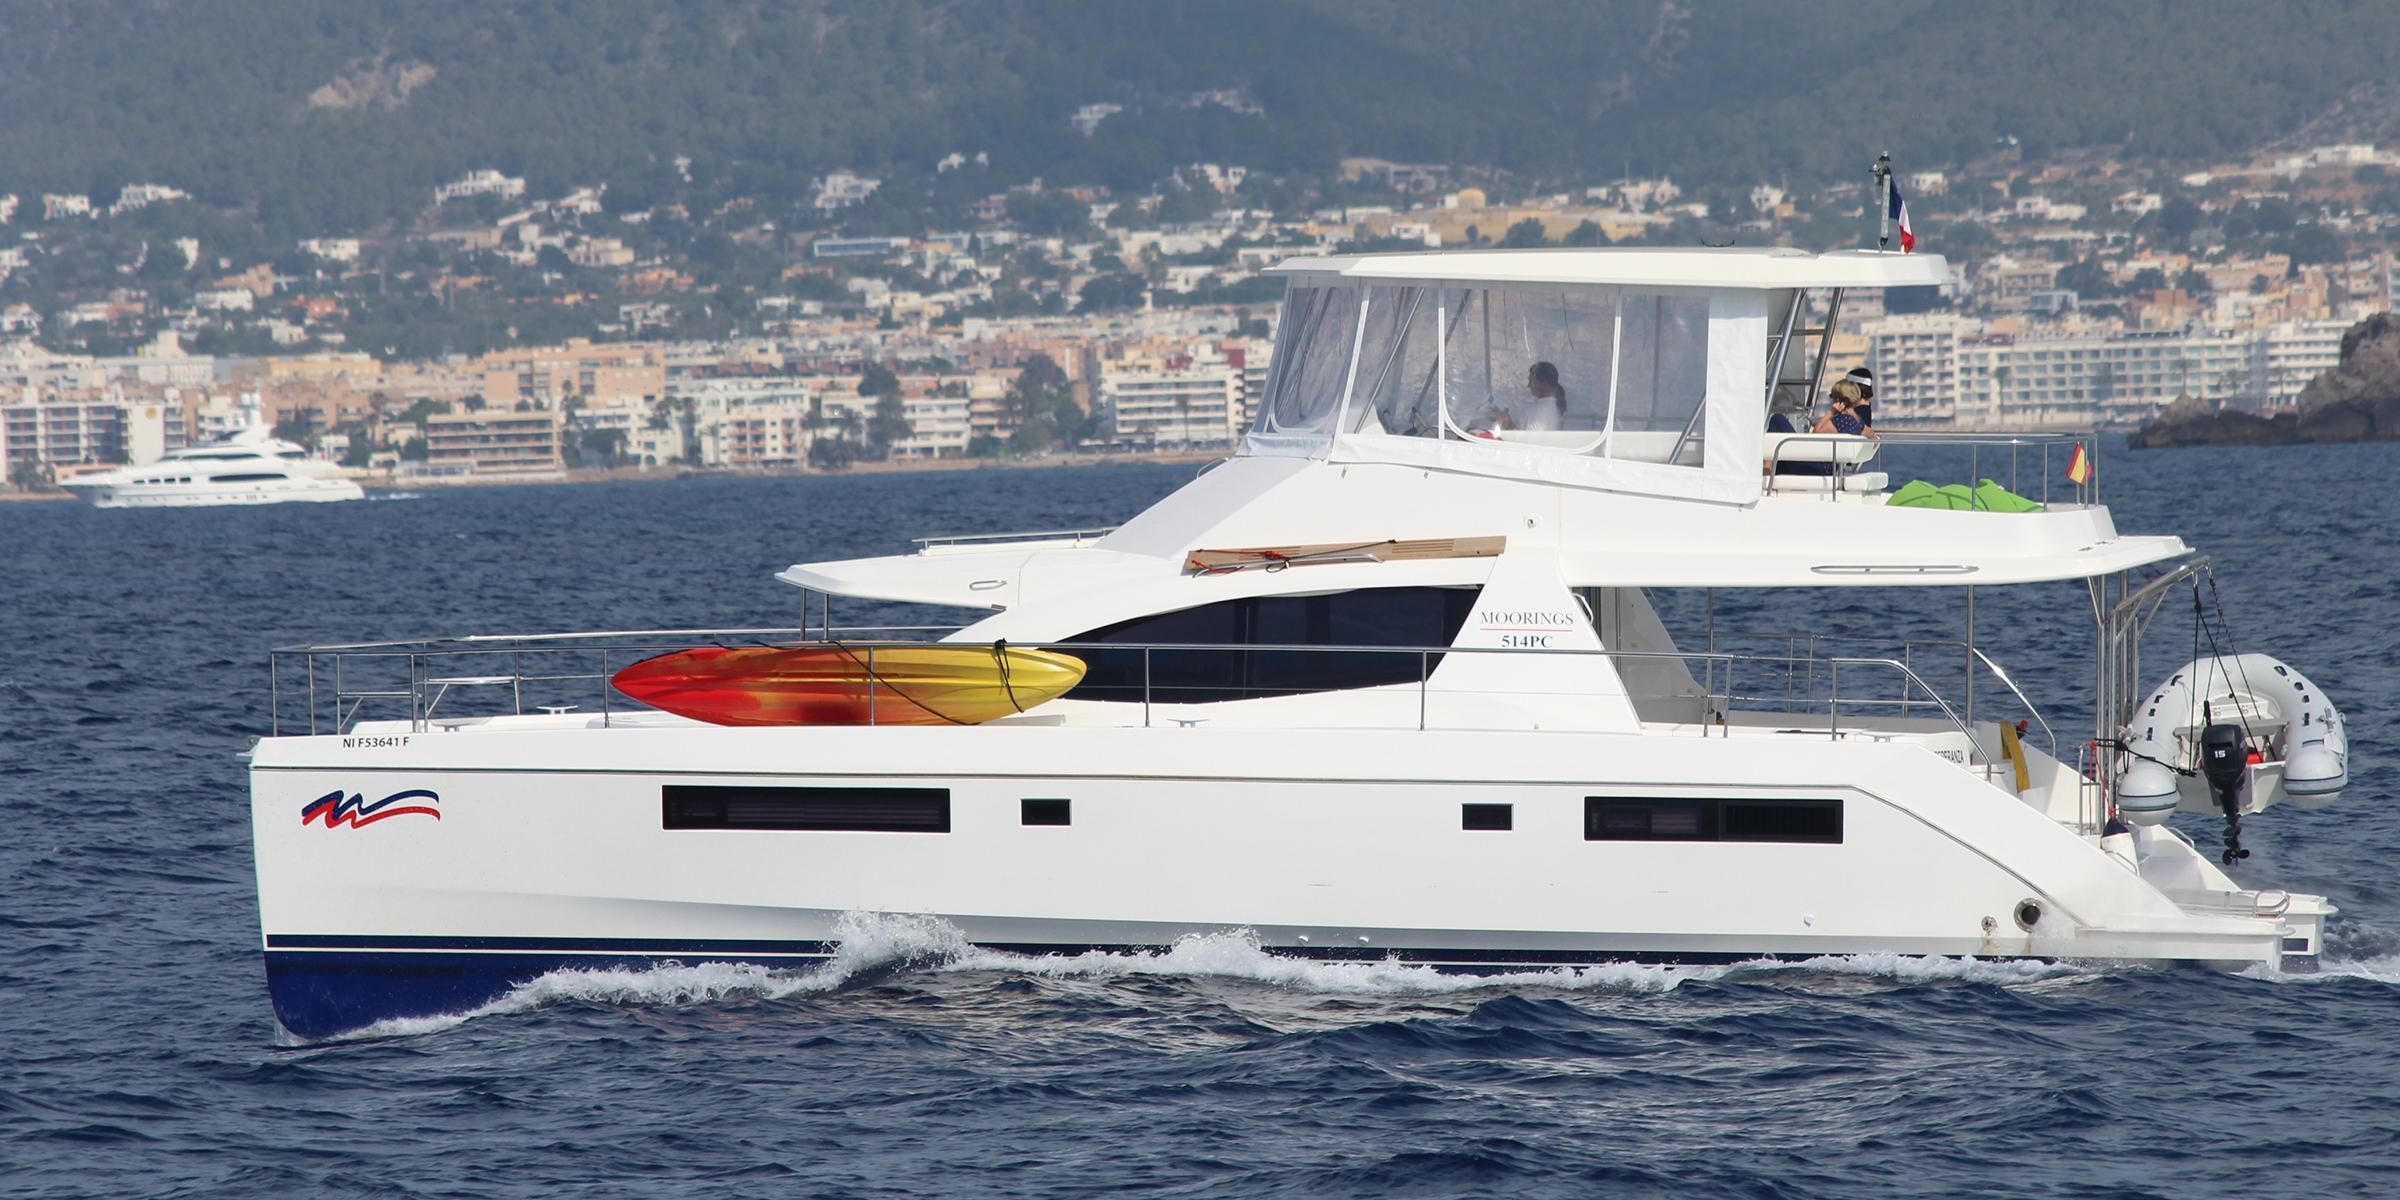 Moorings 514 power catamaran